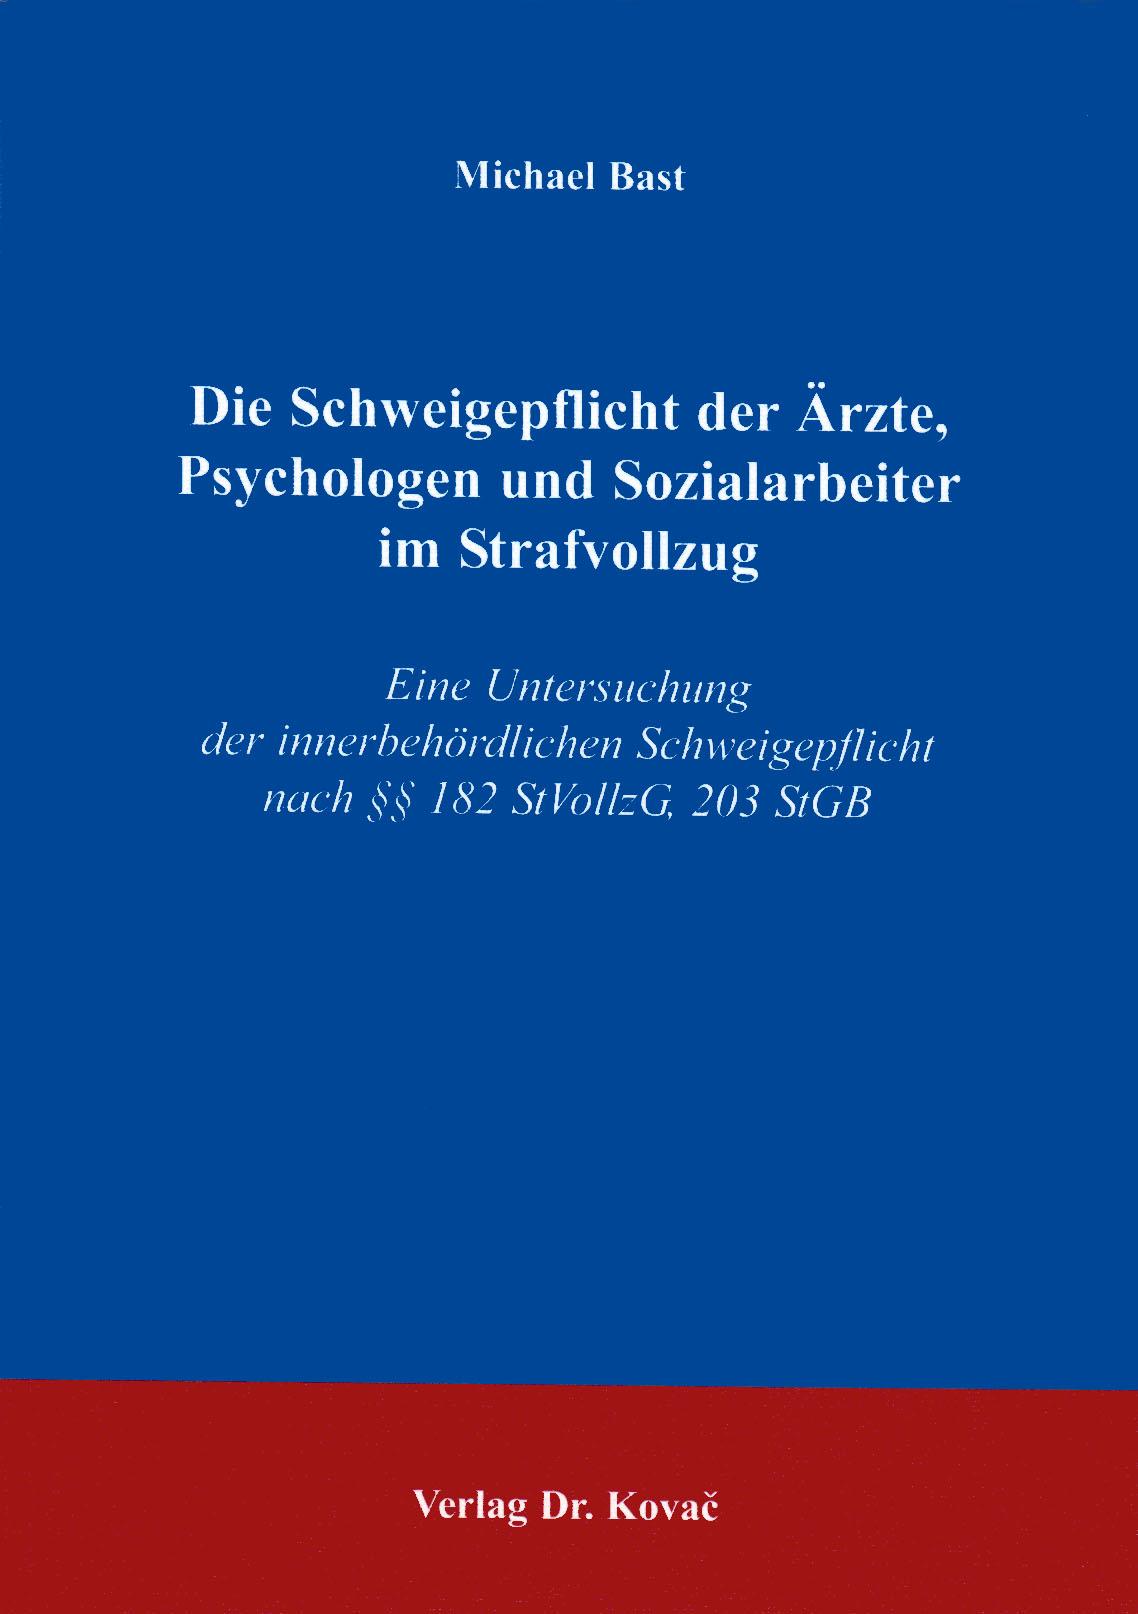 Cover: Die Schweigepflicht der Ärzte, Psychologen und Sozialarbeiter im Strafvollzug